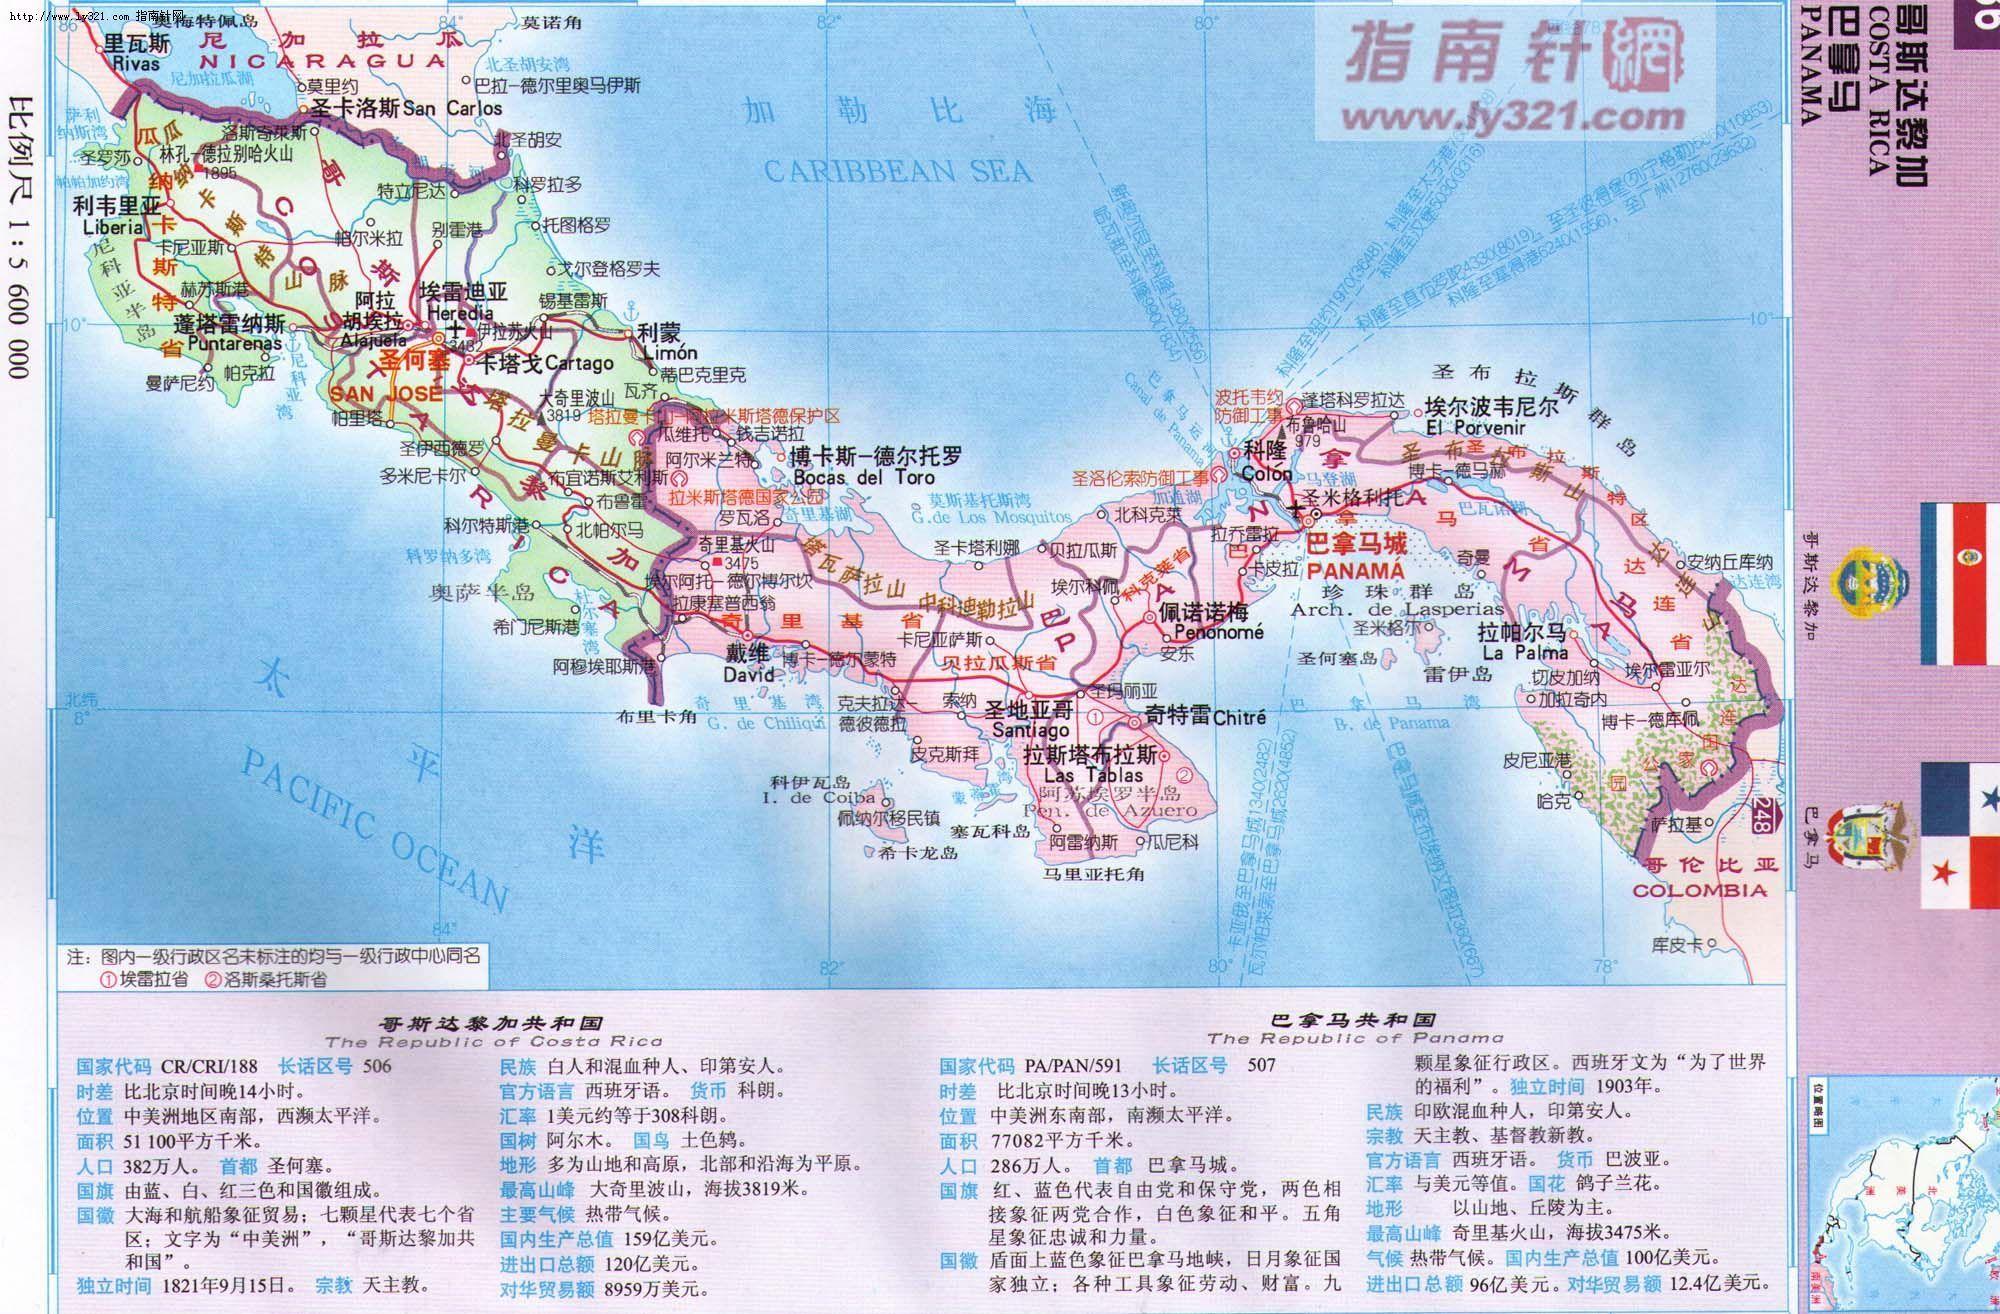 栏目导航:美国 加拿大 古巴 墨西哥 巴哈马 巴拿马 尼加拉瓜 巴巴多斯 牙买加 海地 危地马拉 洪都拉斯 格林纳达 哥斯达黎加 多米尼加 圣基茨和尼维斯 圣文森特和格林纳丁斯 特立尼达和多巴哥 安提瓜和巴布达 多米尼克 伯利兹 萨尔瓦多 圣卢西亚